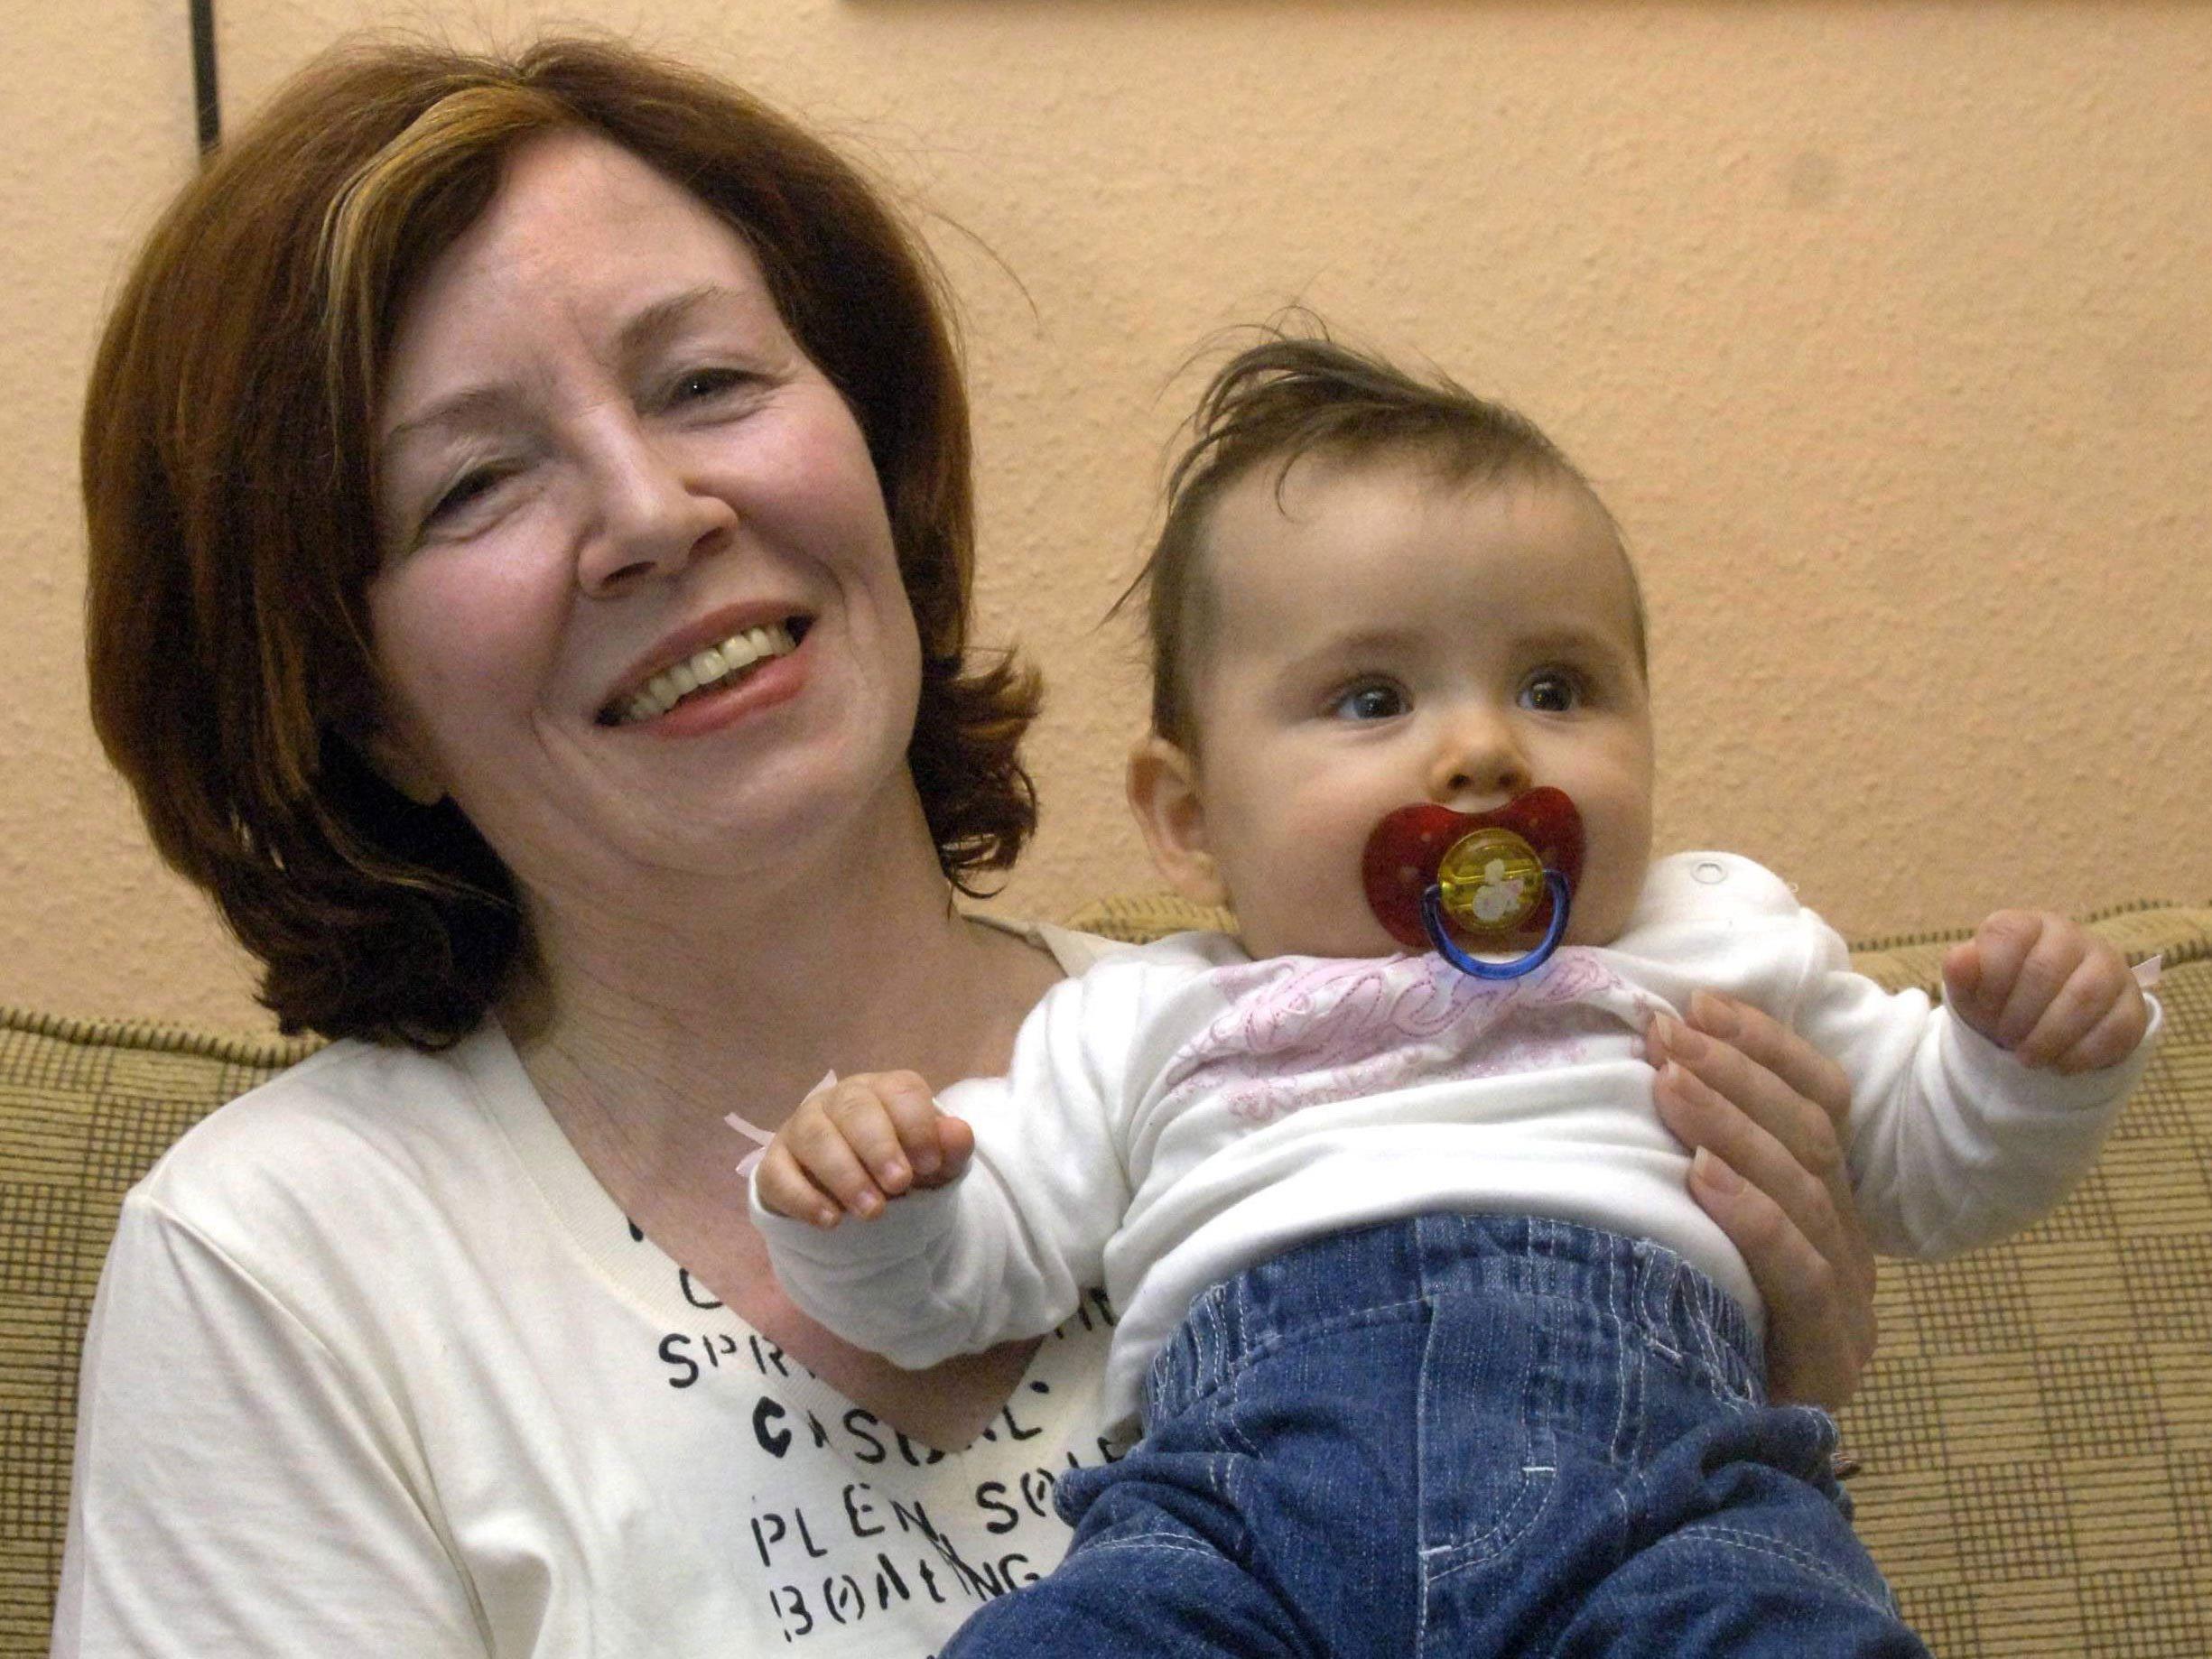 Rund 14 Wochen zu früh hat die 65-jährige Annegret R. ihre Vierlinge zur Welt gebracht.